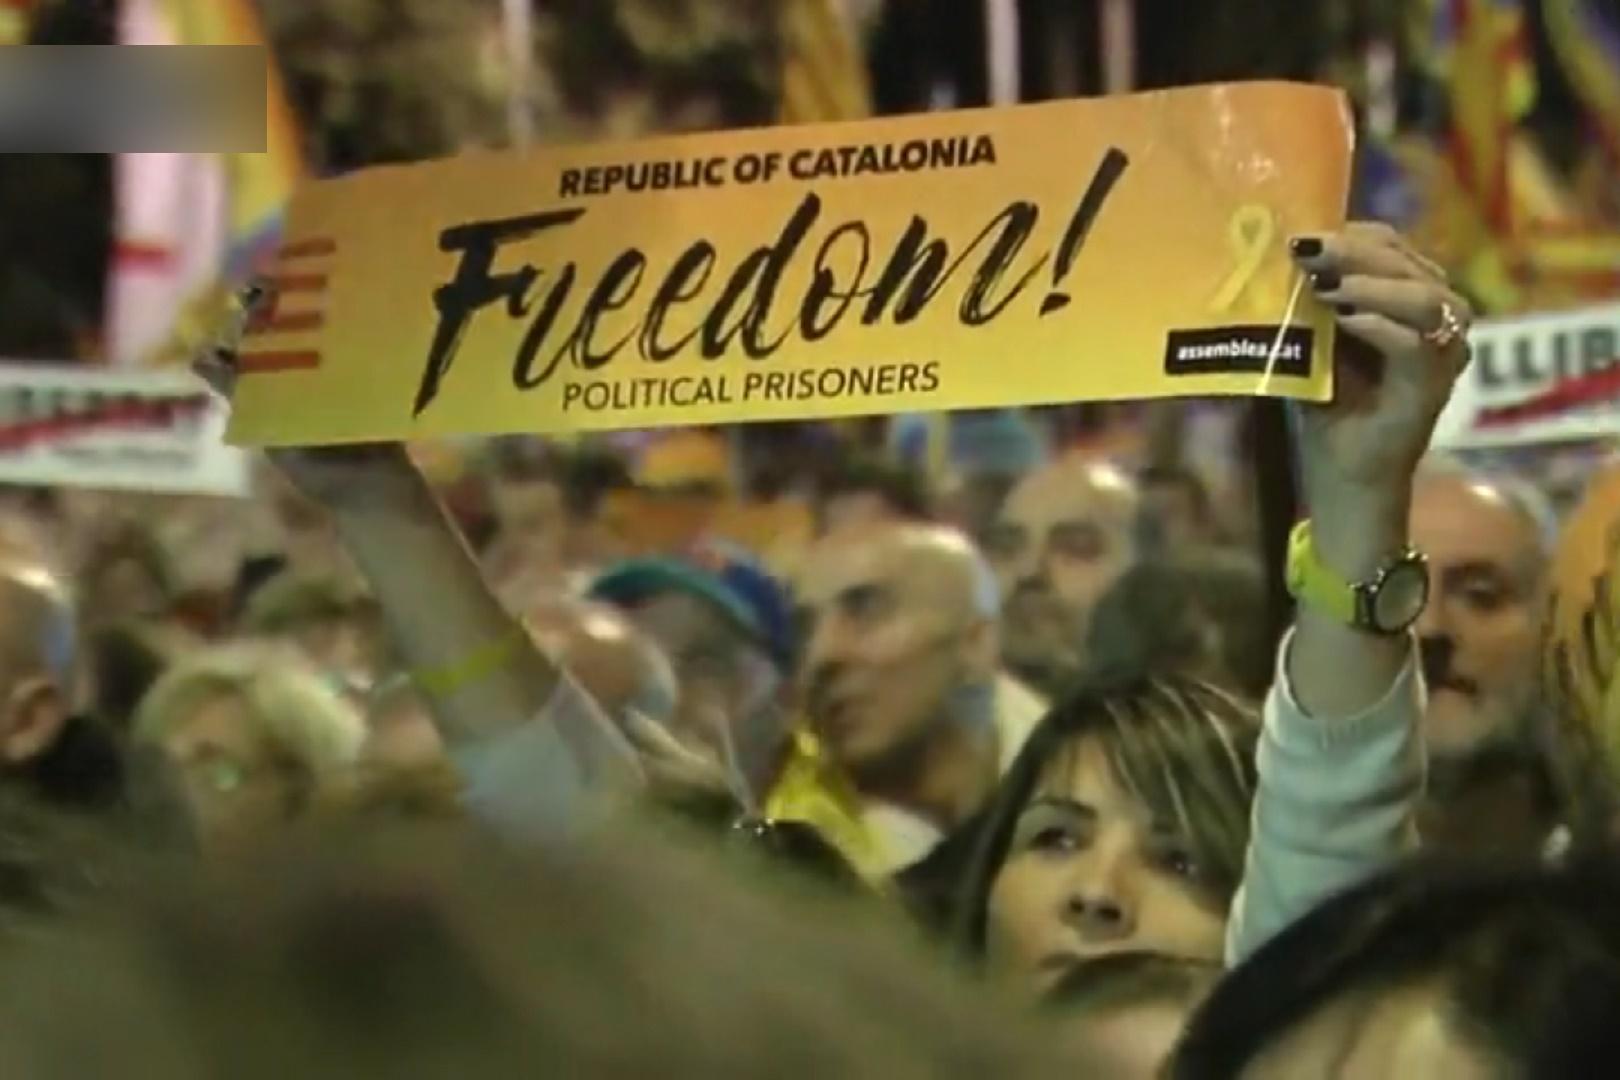 فیلم | راهپیمایی هزاران نفری مردم کاتالونیا در خیابانهای بارسلونا